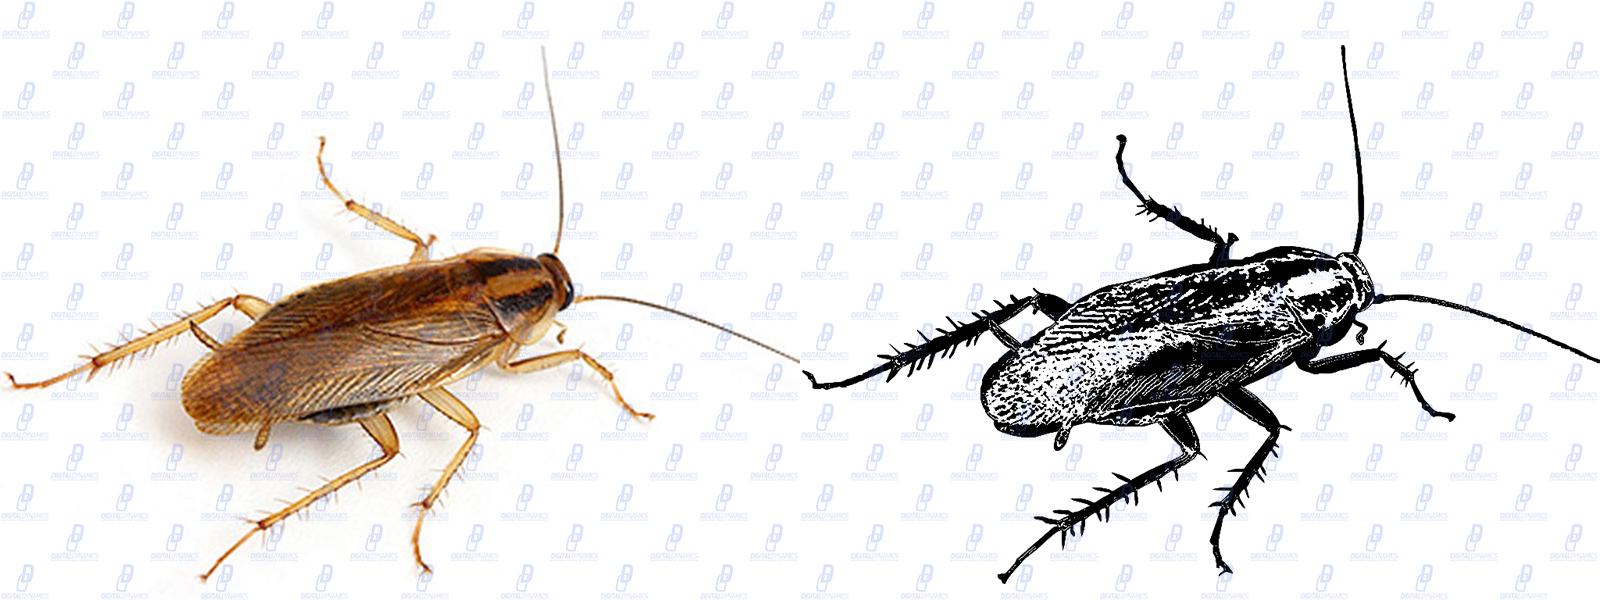 Стилизация фото таракана согласно задаче